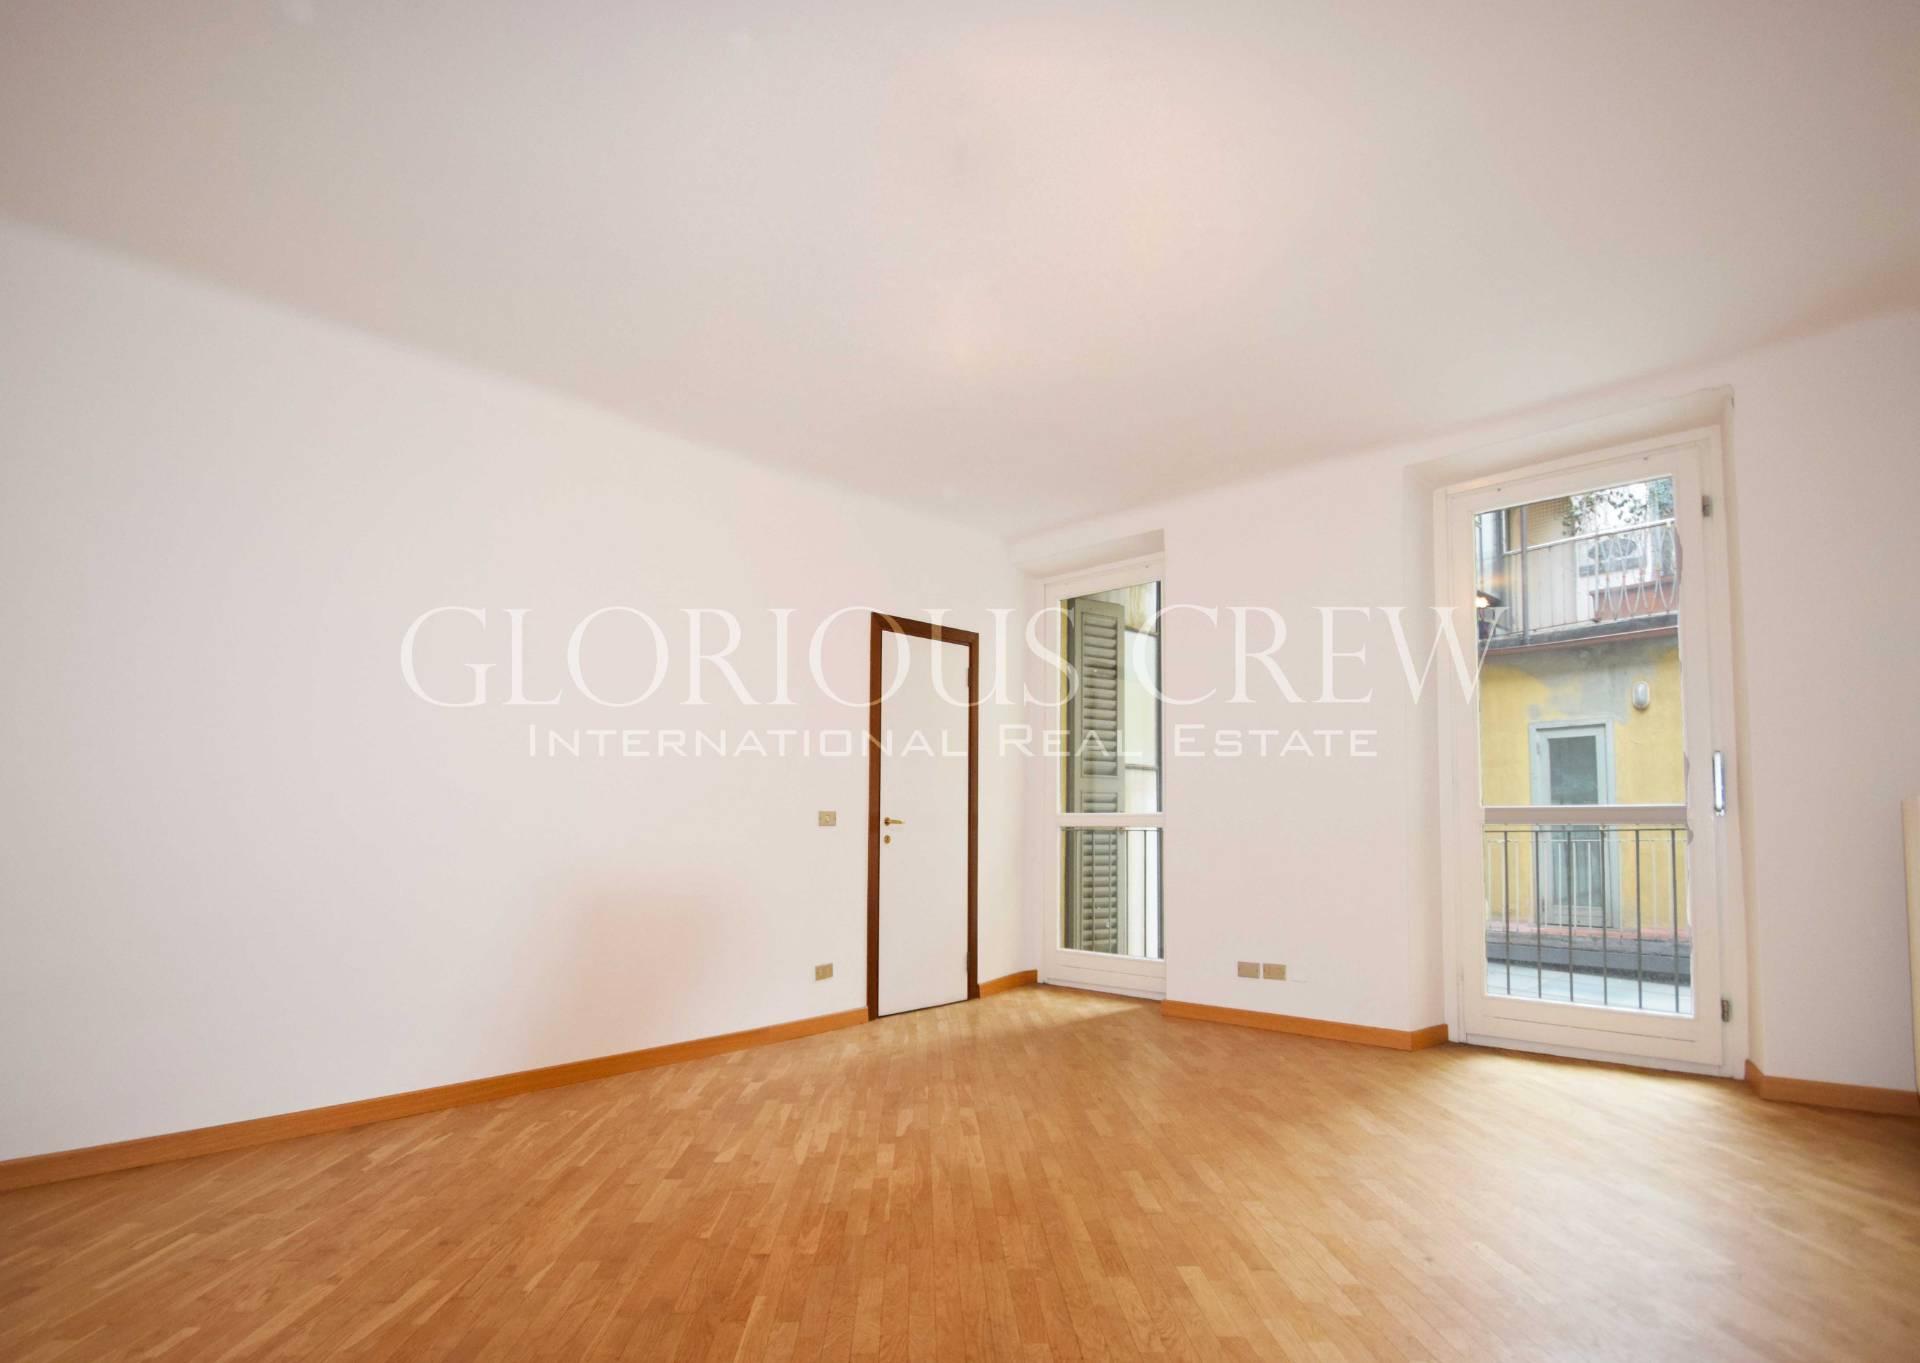 Camere Oscure Milano : Appartamento in vendita a milano via fiori oscuri trovocasa